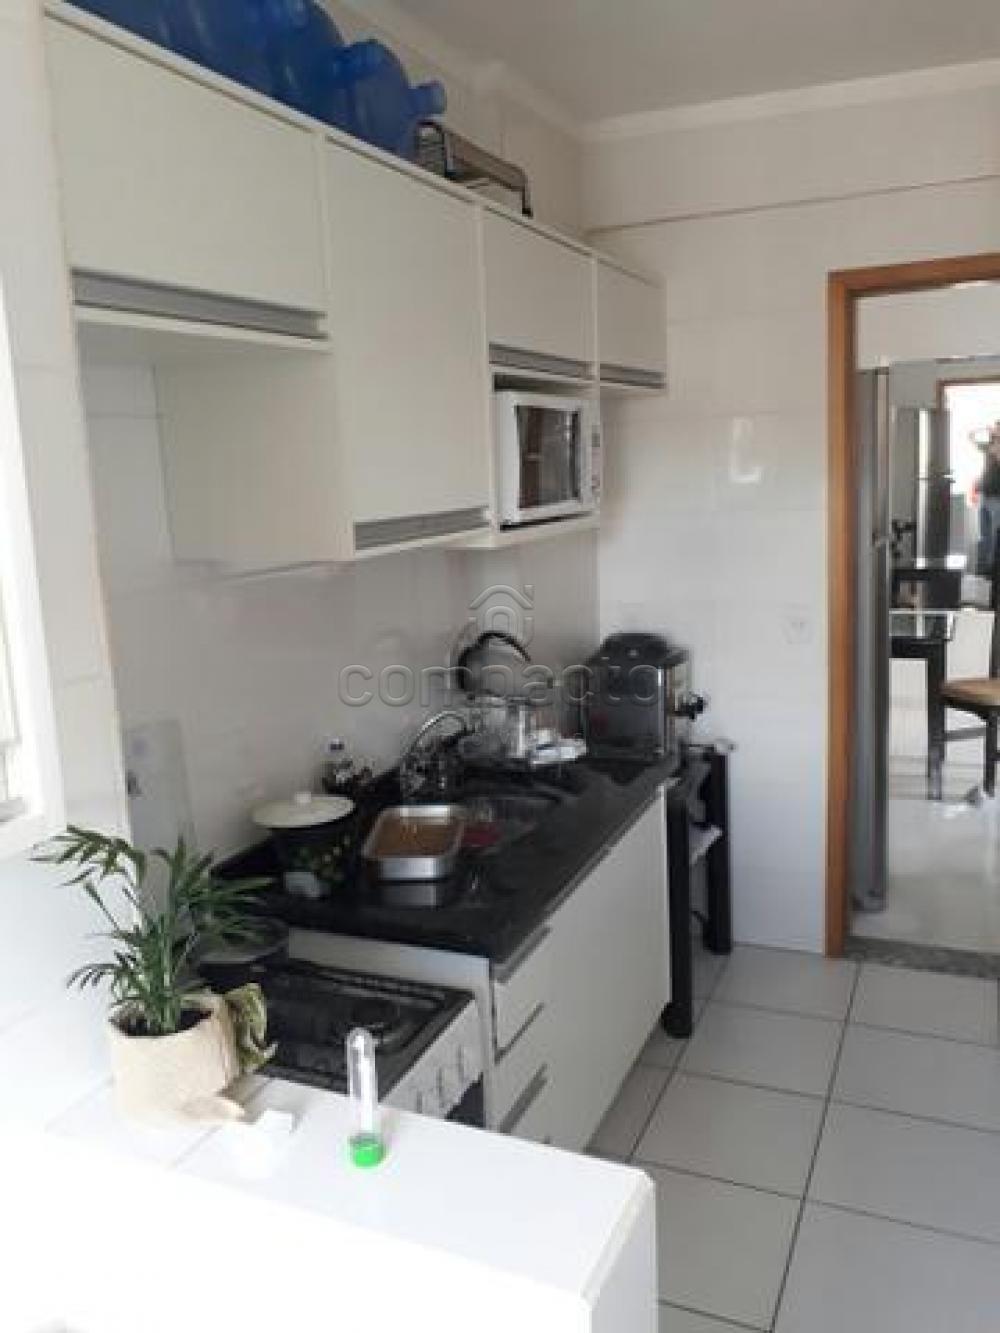 Comprar Apartamento / Padrão em São José do Rio Preto apenas R$ 185.000,00 - Foto 6